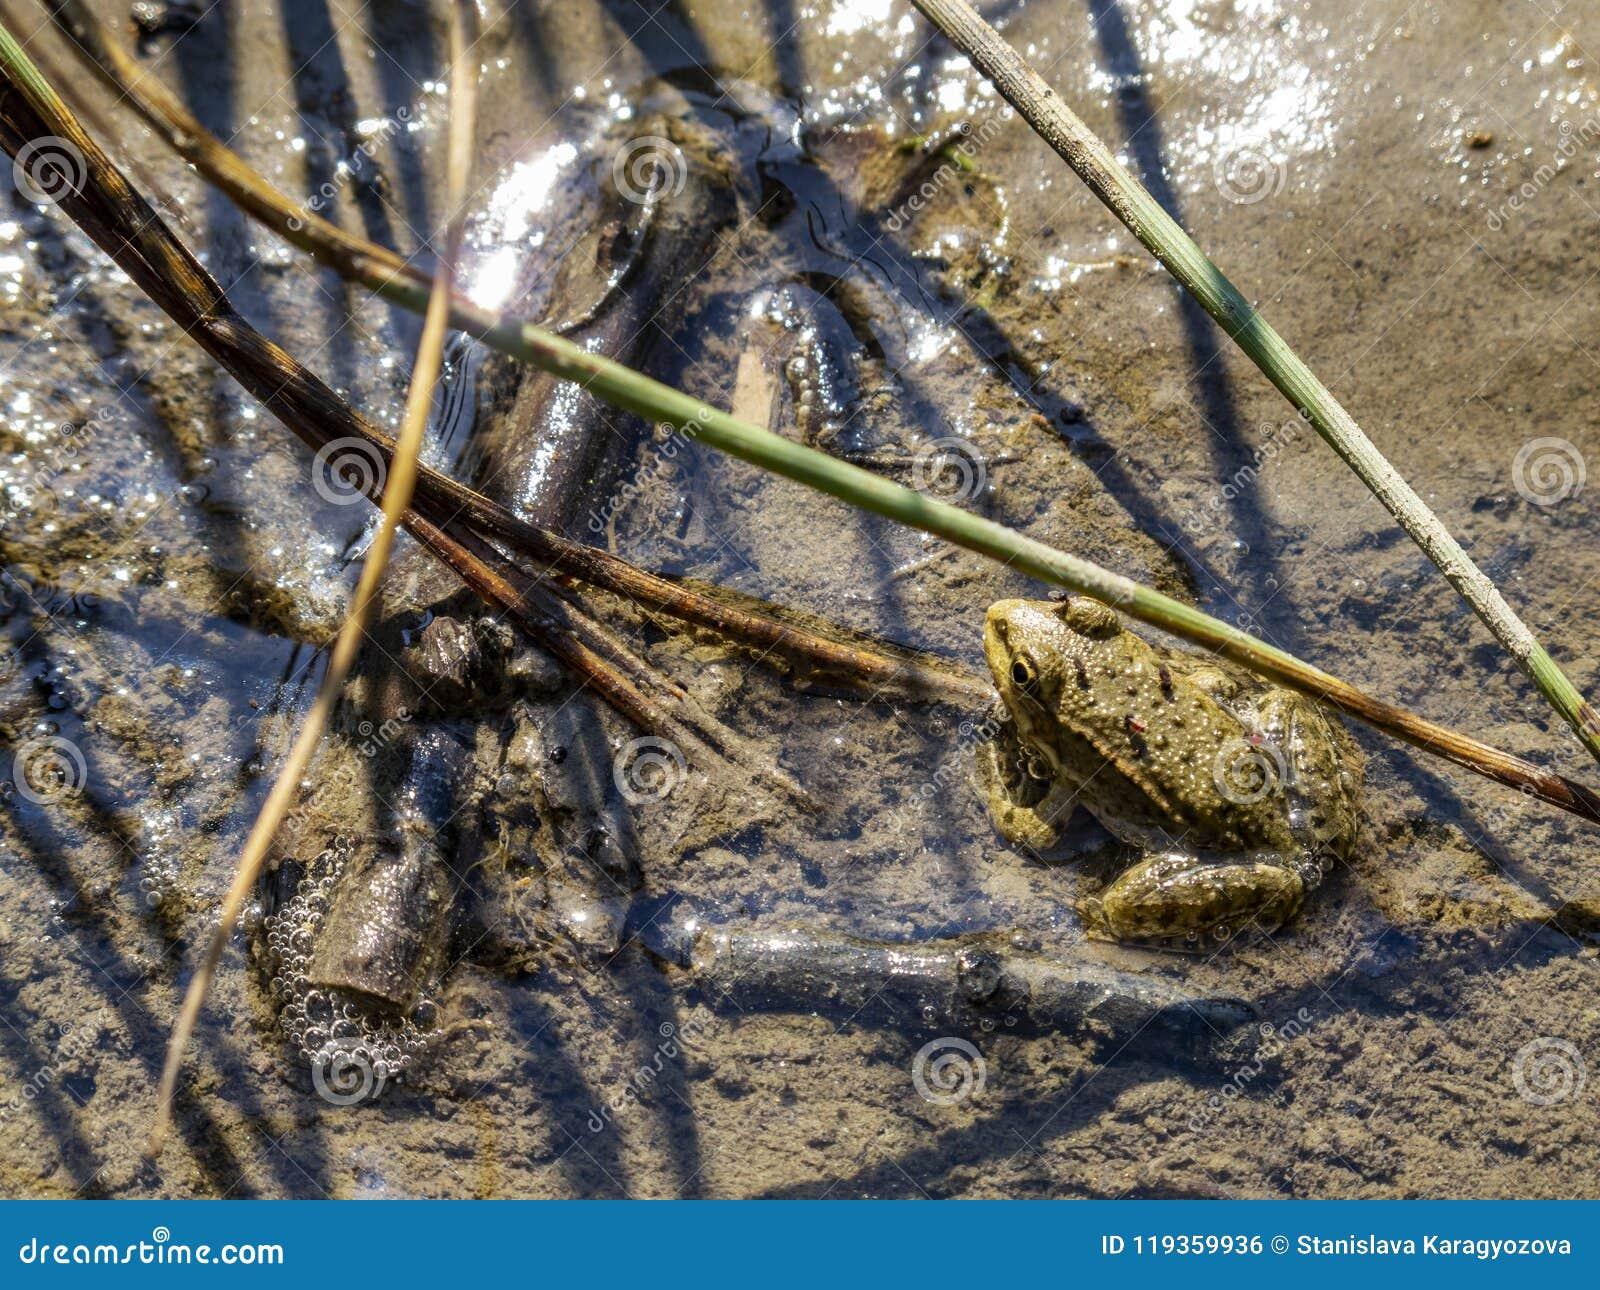 Żaby stać nieporuszony w błocie z zjadliwymi muszkami na nim